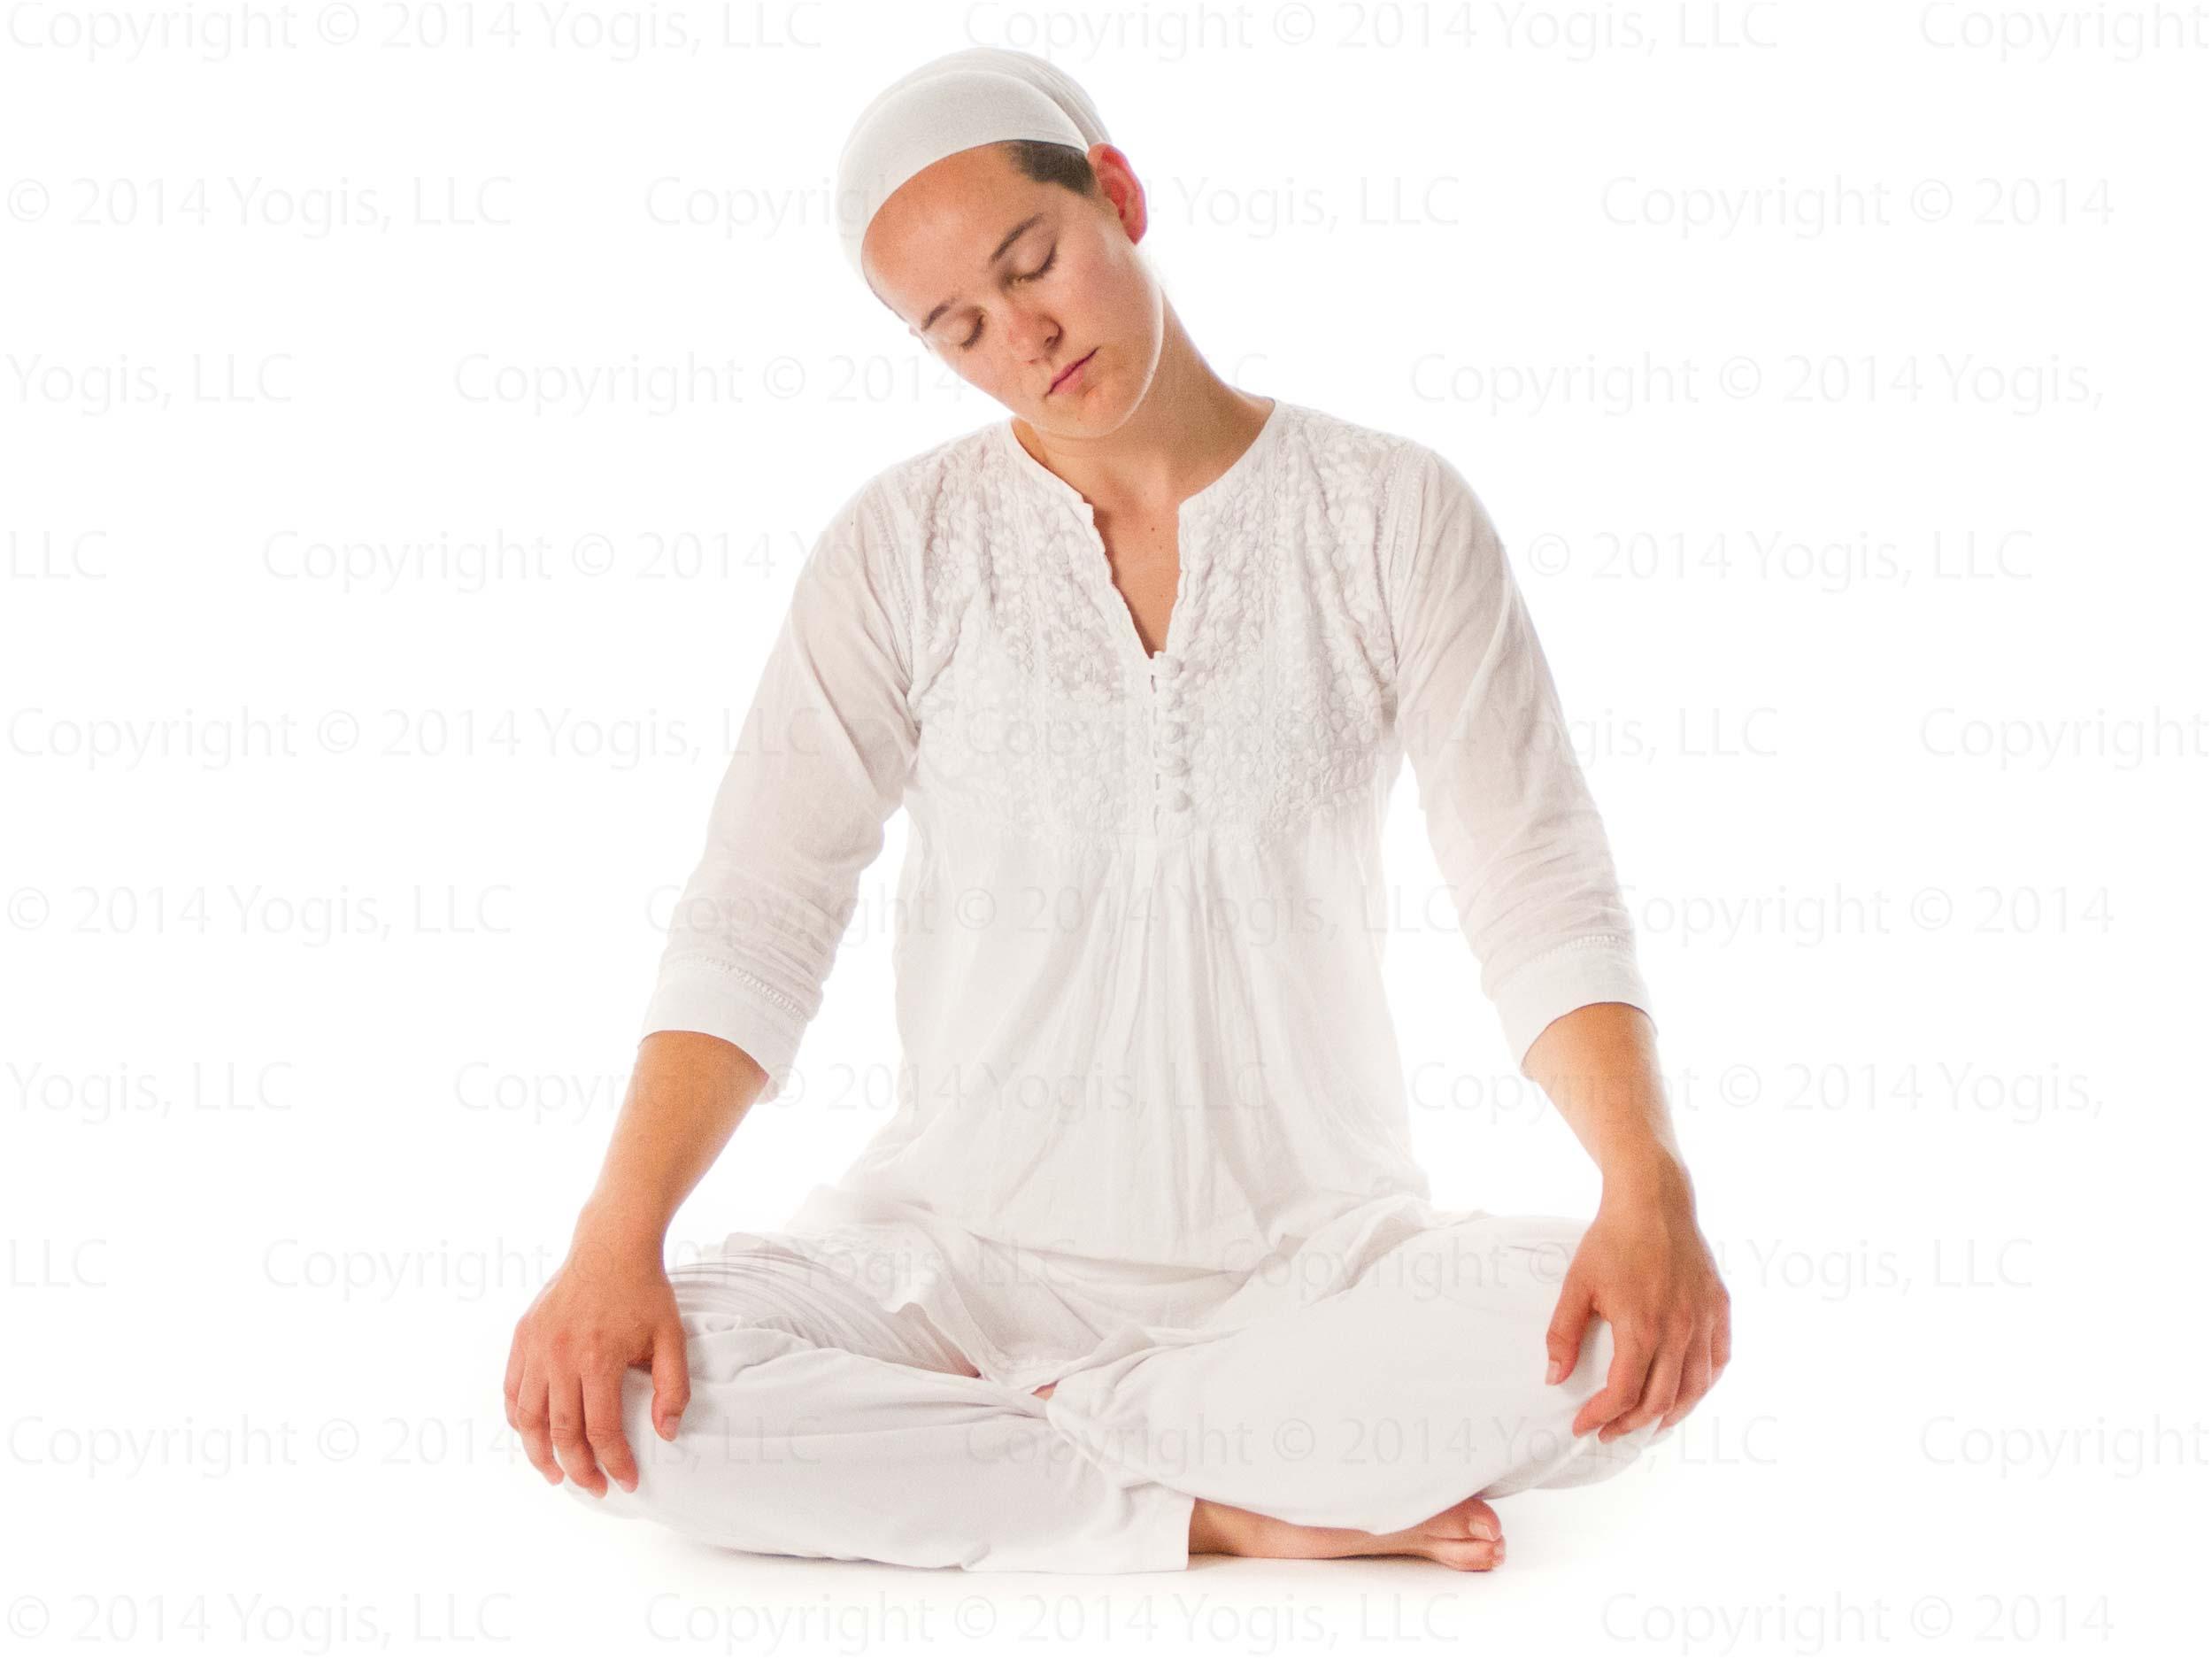 Neckrolls Metta Yoga Kundalini Yoga Amp Meditation For